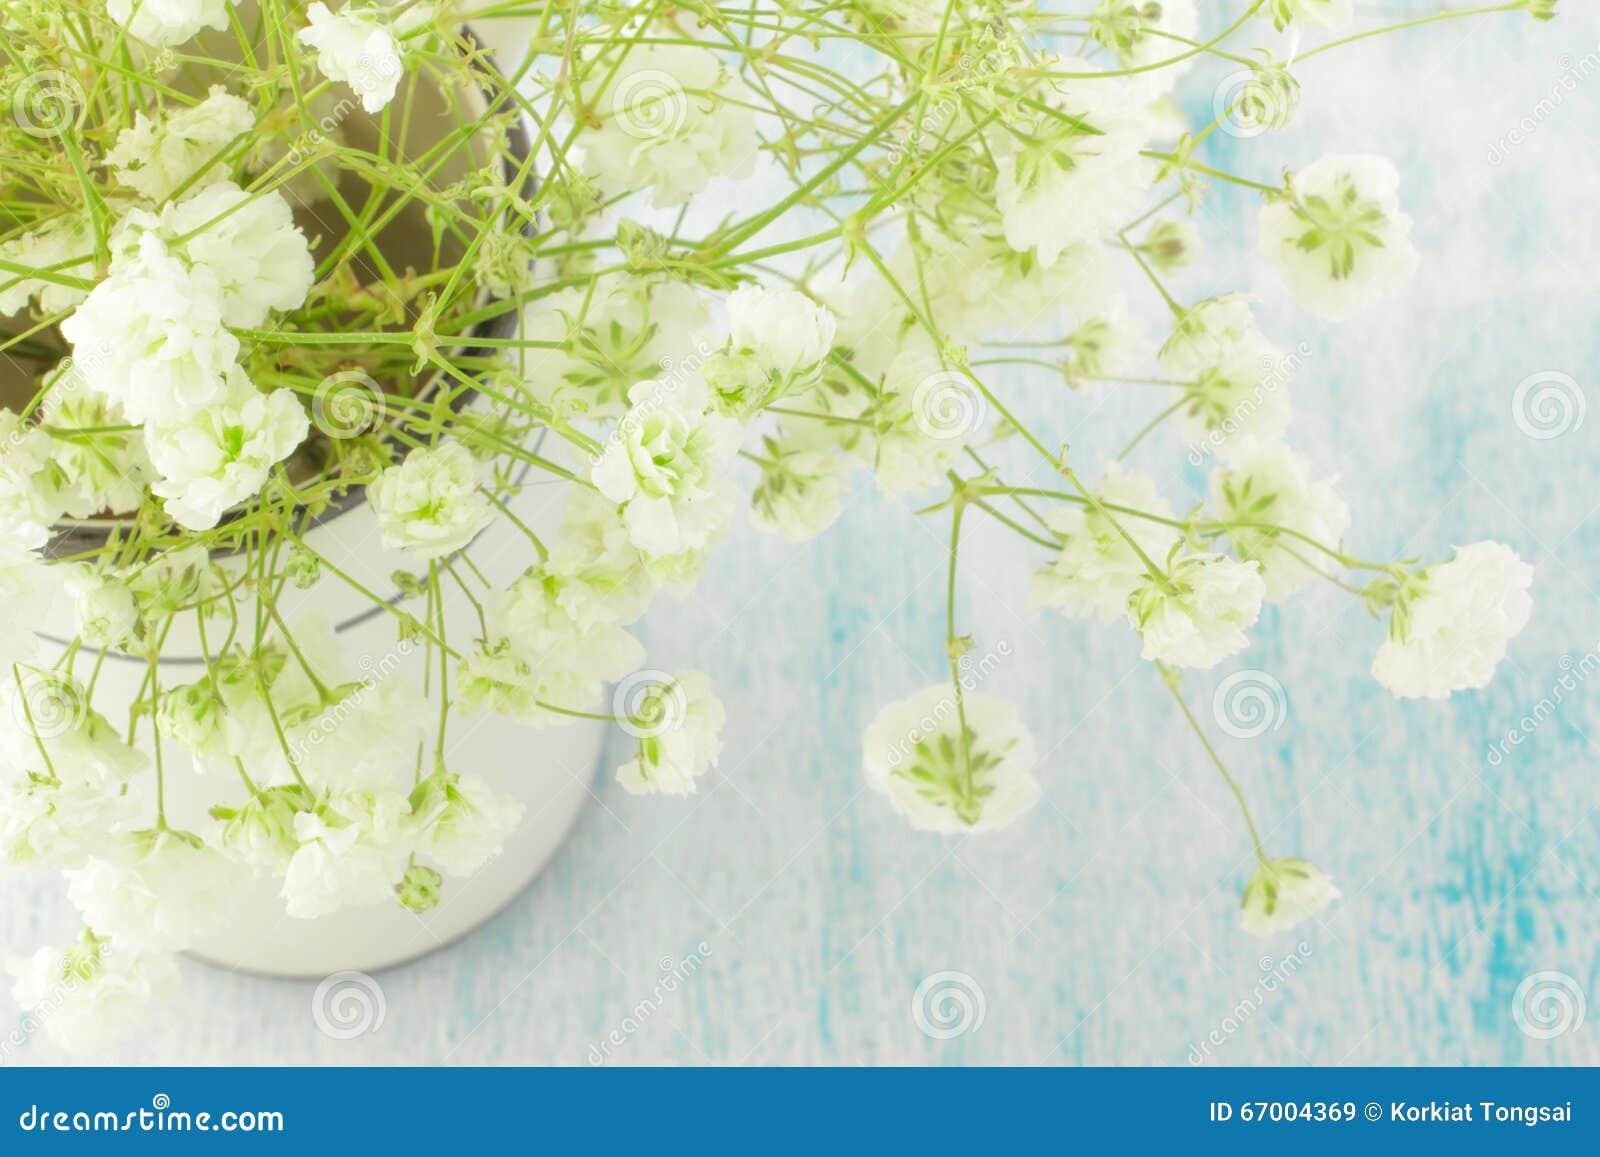 Boeket Van Witte Gypsophila (baby-Adem Bloemen), Lichte, Luchtige ...